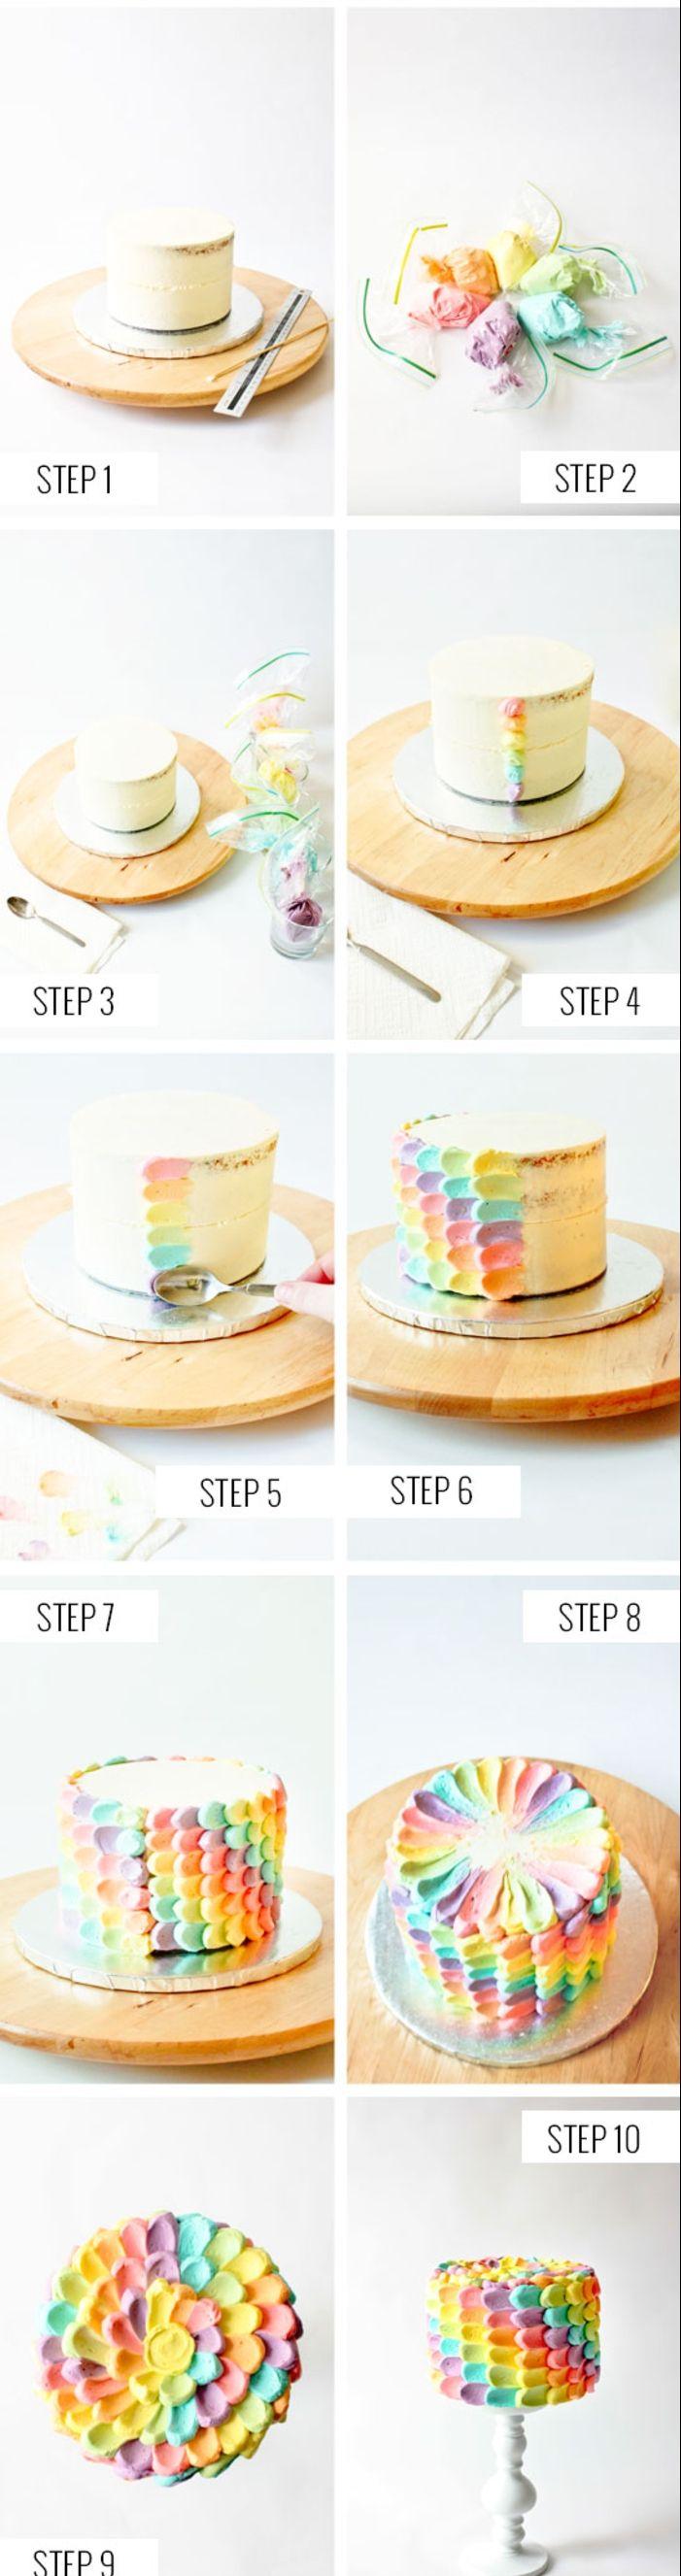 comment réaliser une décoration de gâteau arc en ciel en pétales colorées